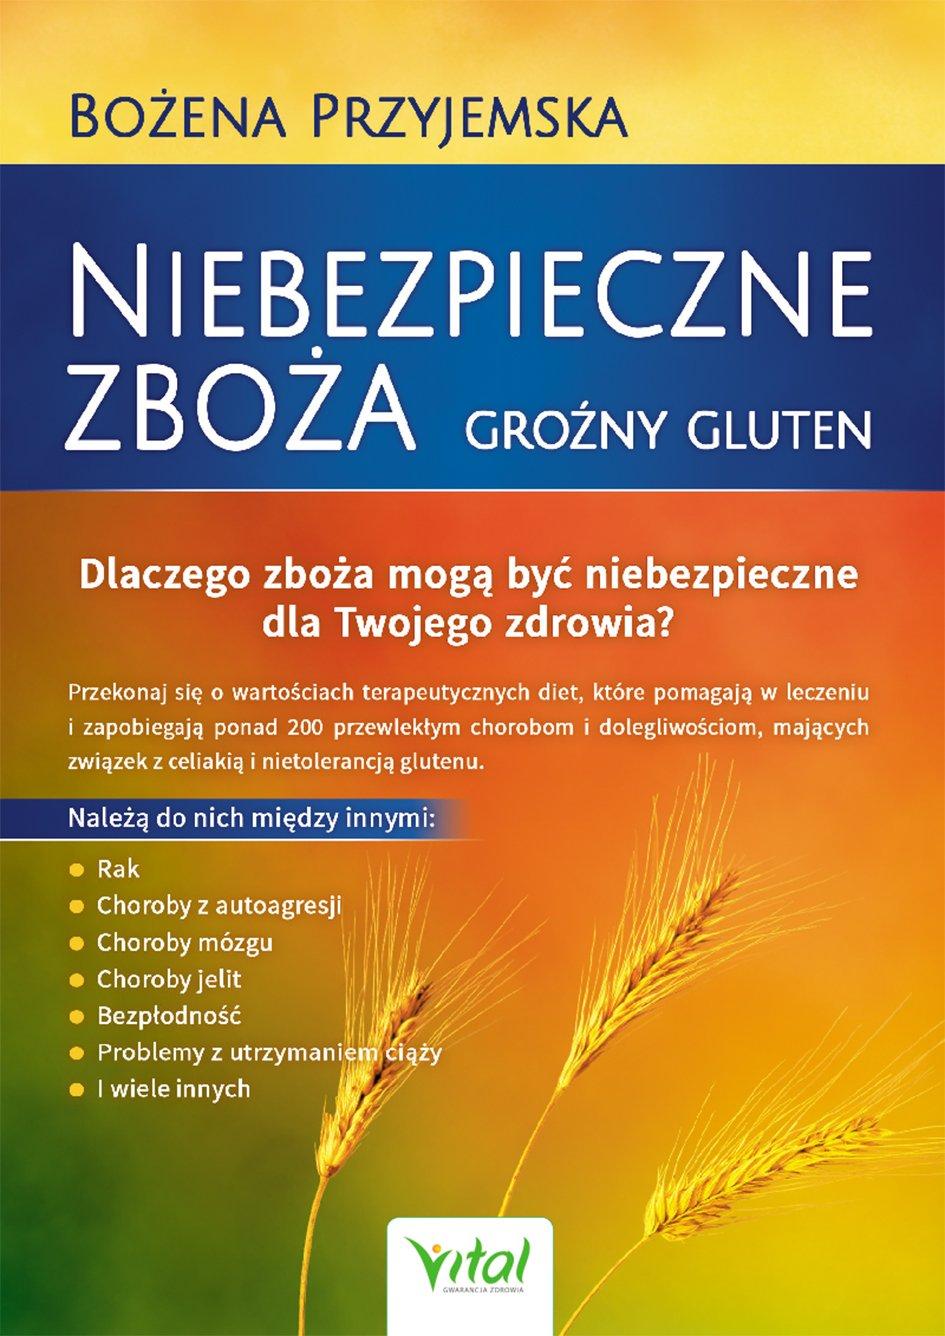 Niebezpieczne zboża. Groźny gluten - Ebook (Książka na Kindle) do pobrania w formacie MOBI